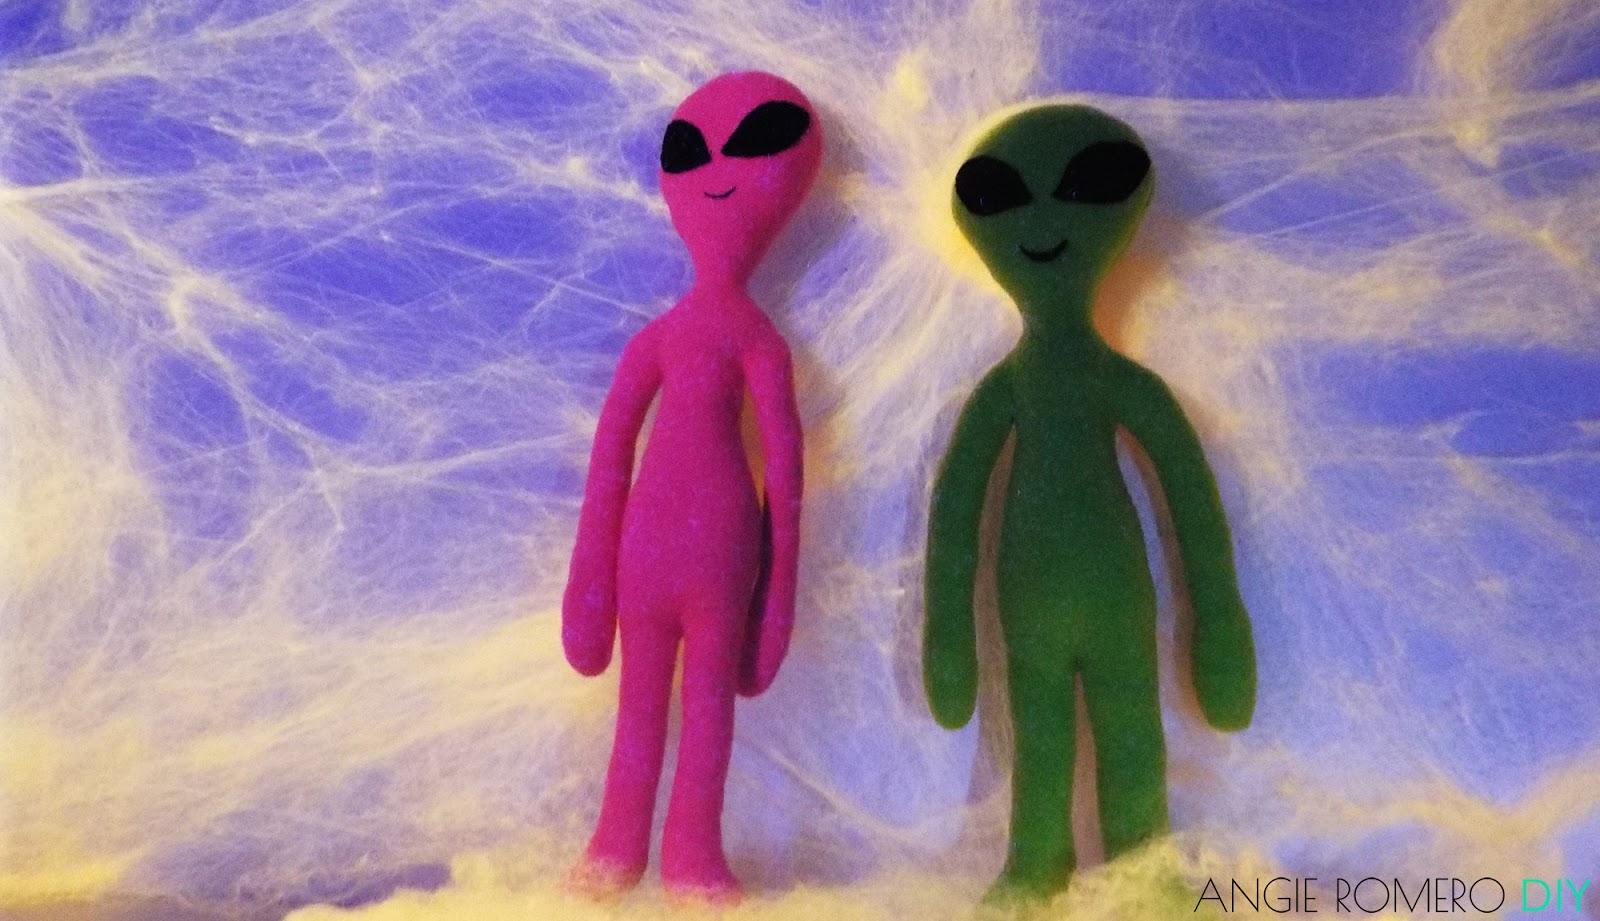 Muñeco alien extraterrestre molde gratis